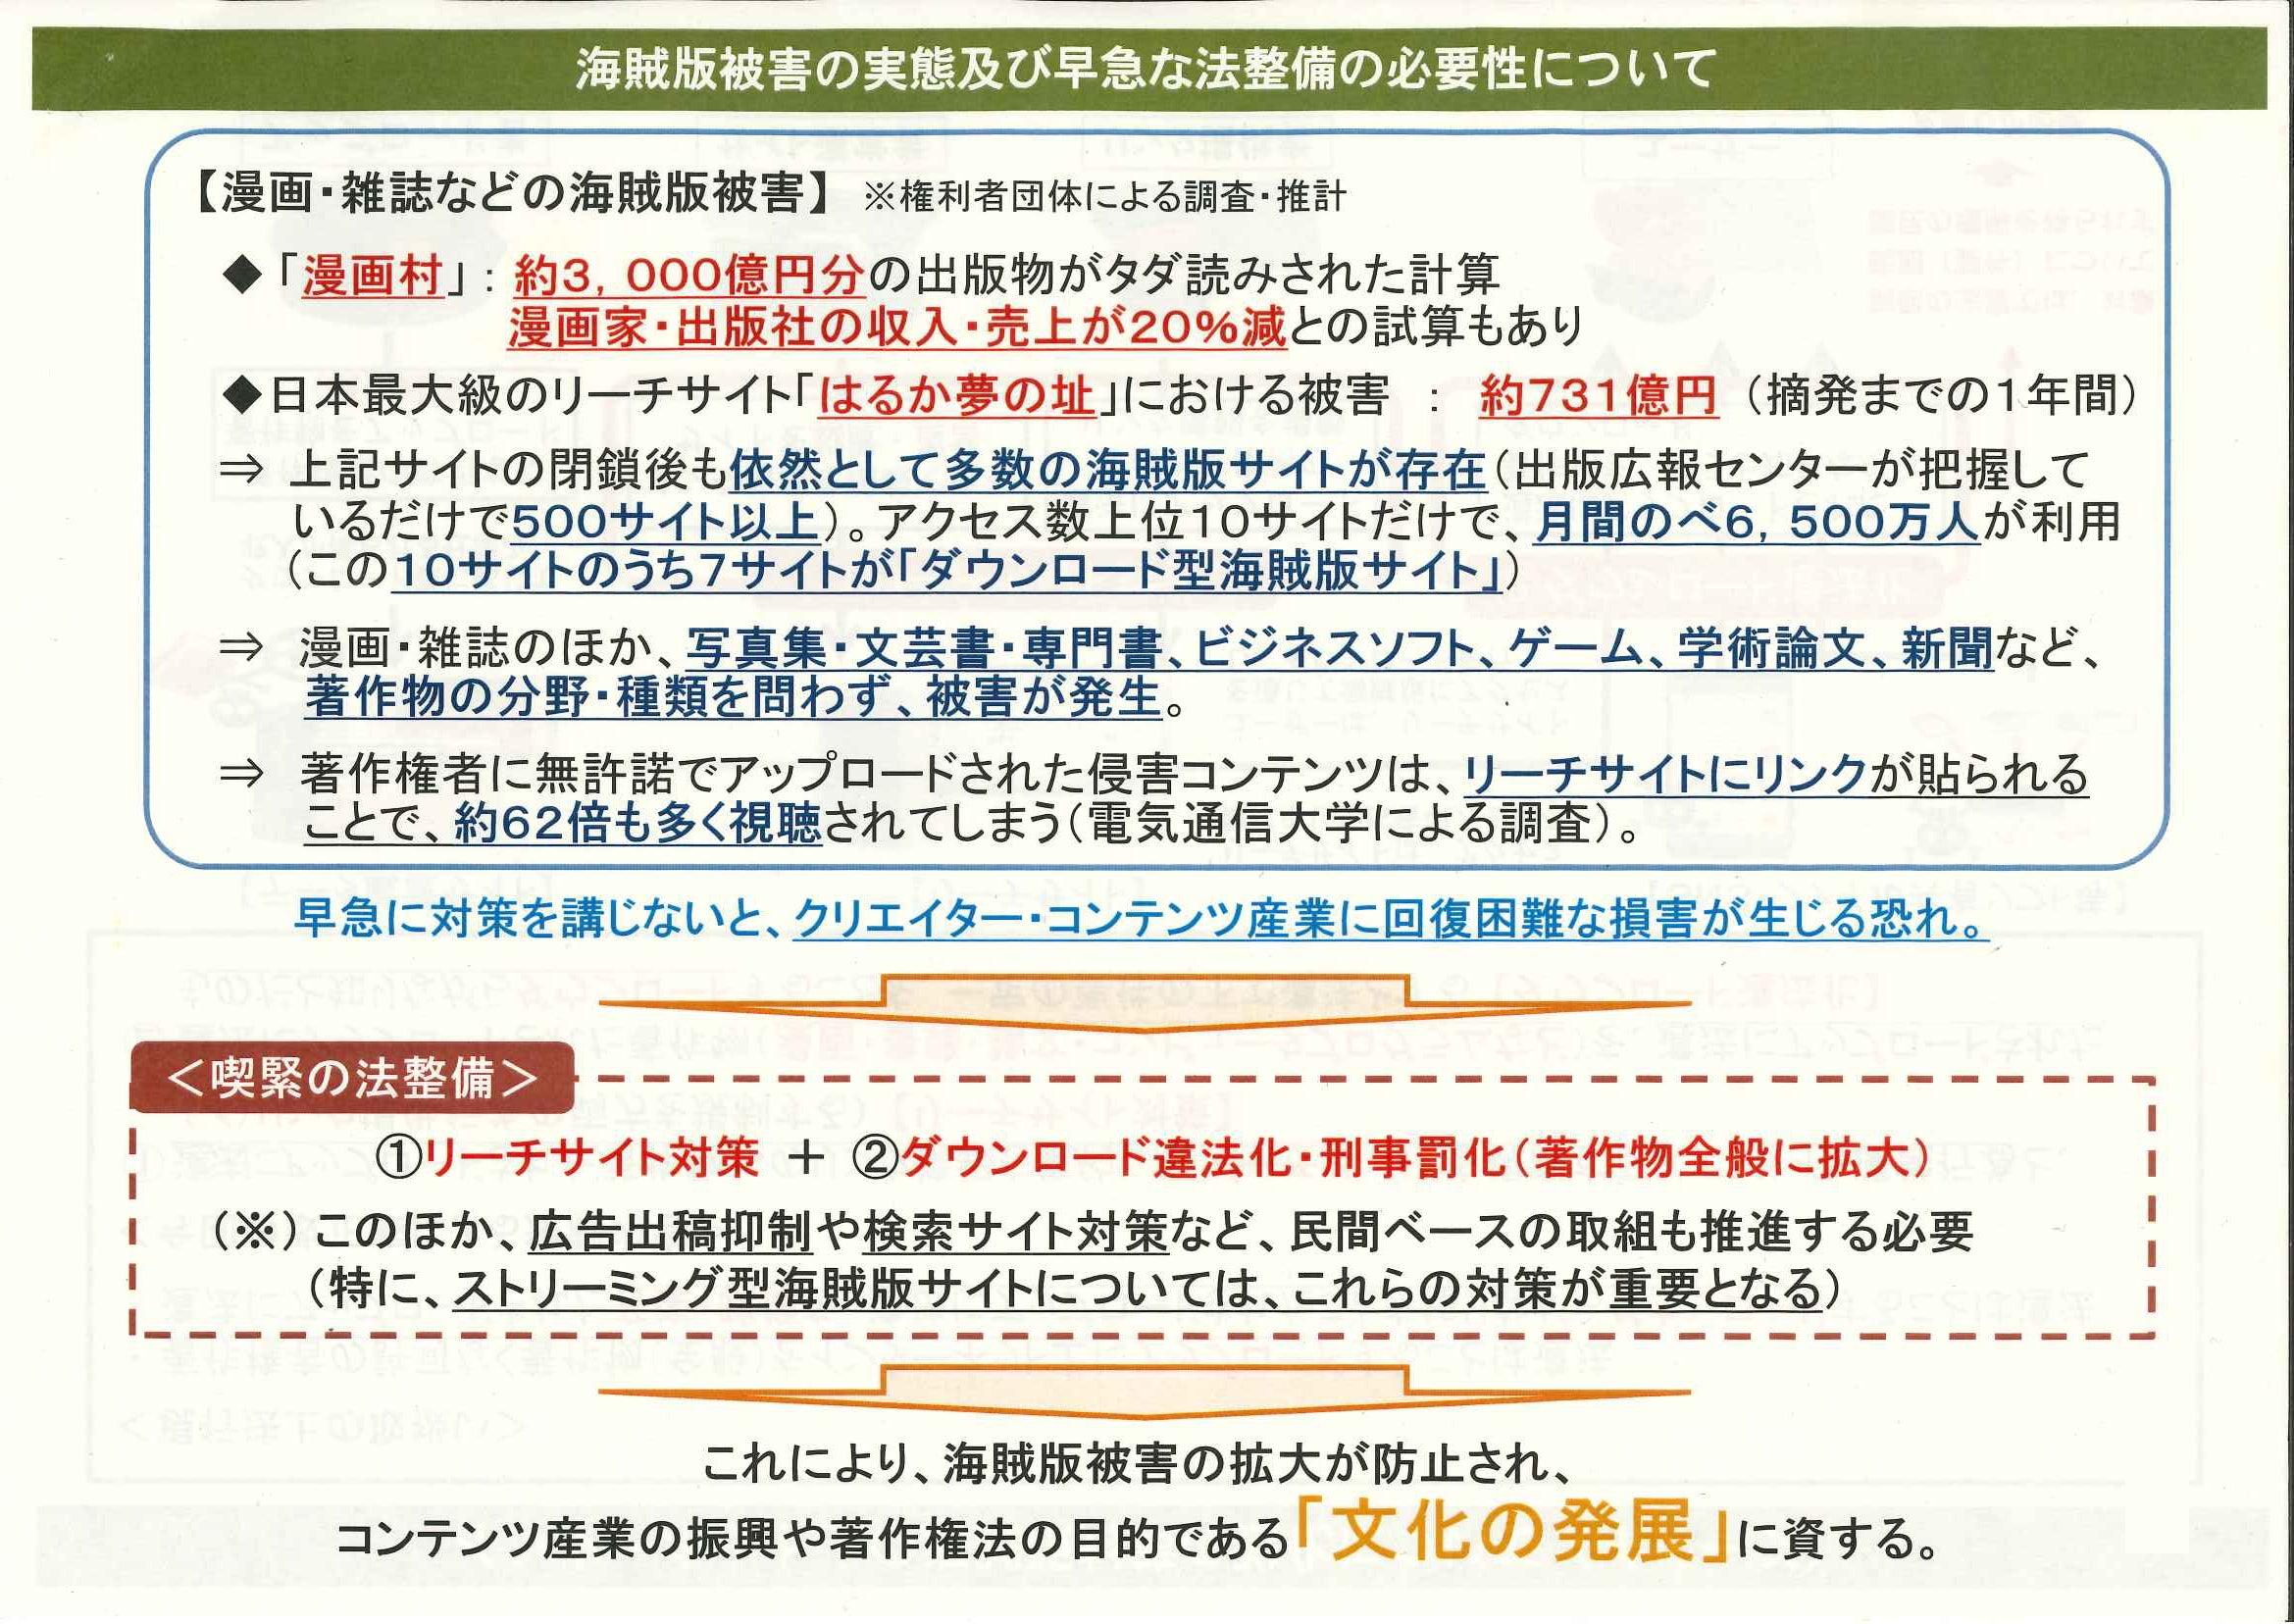 海賊版対策のための著作権法改正(ダウンロード違法化・リーチサイト規制)を閣議決定